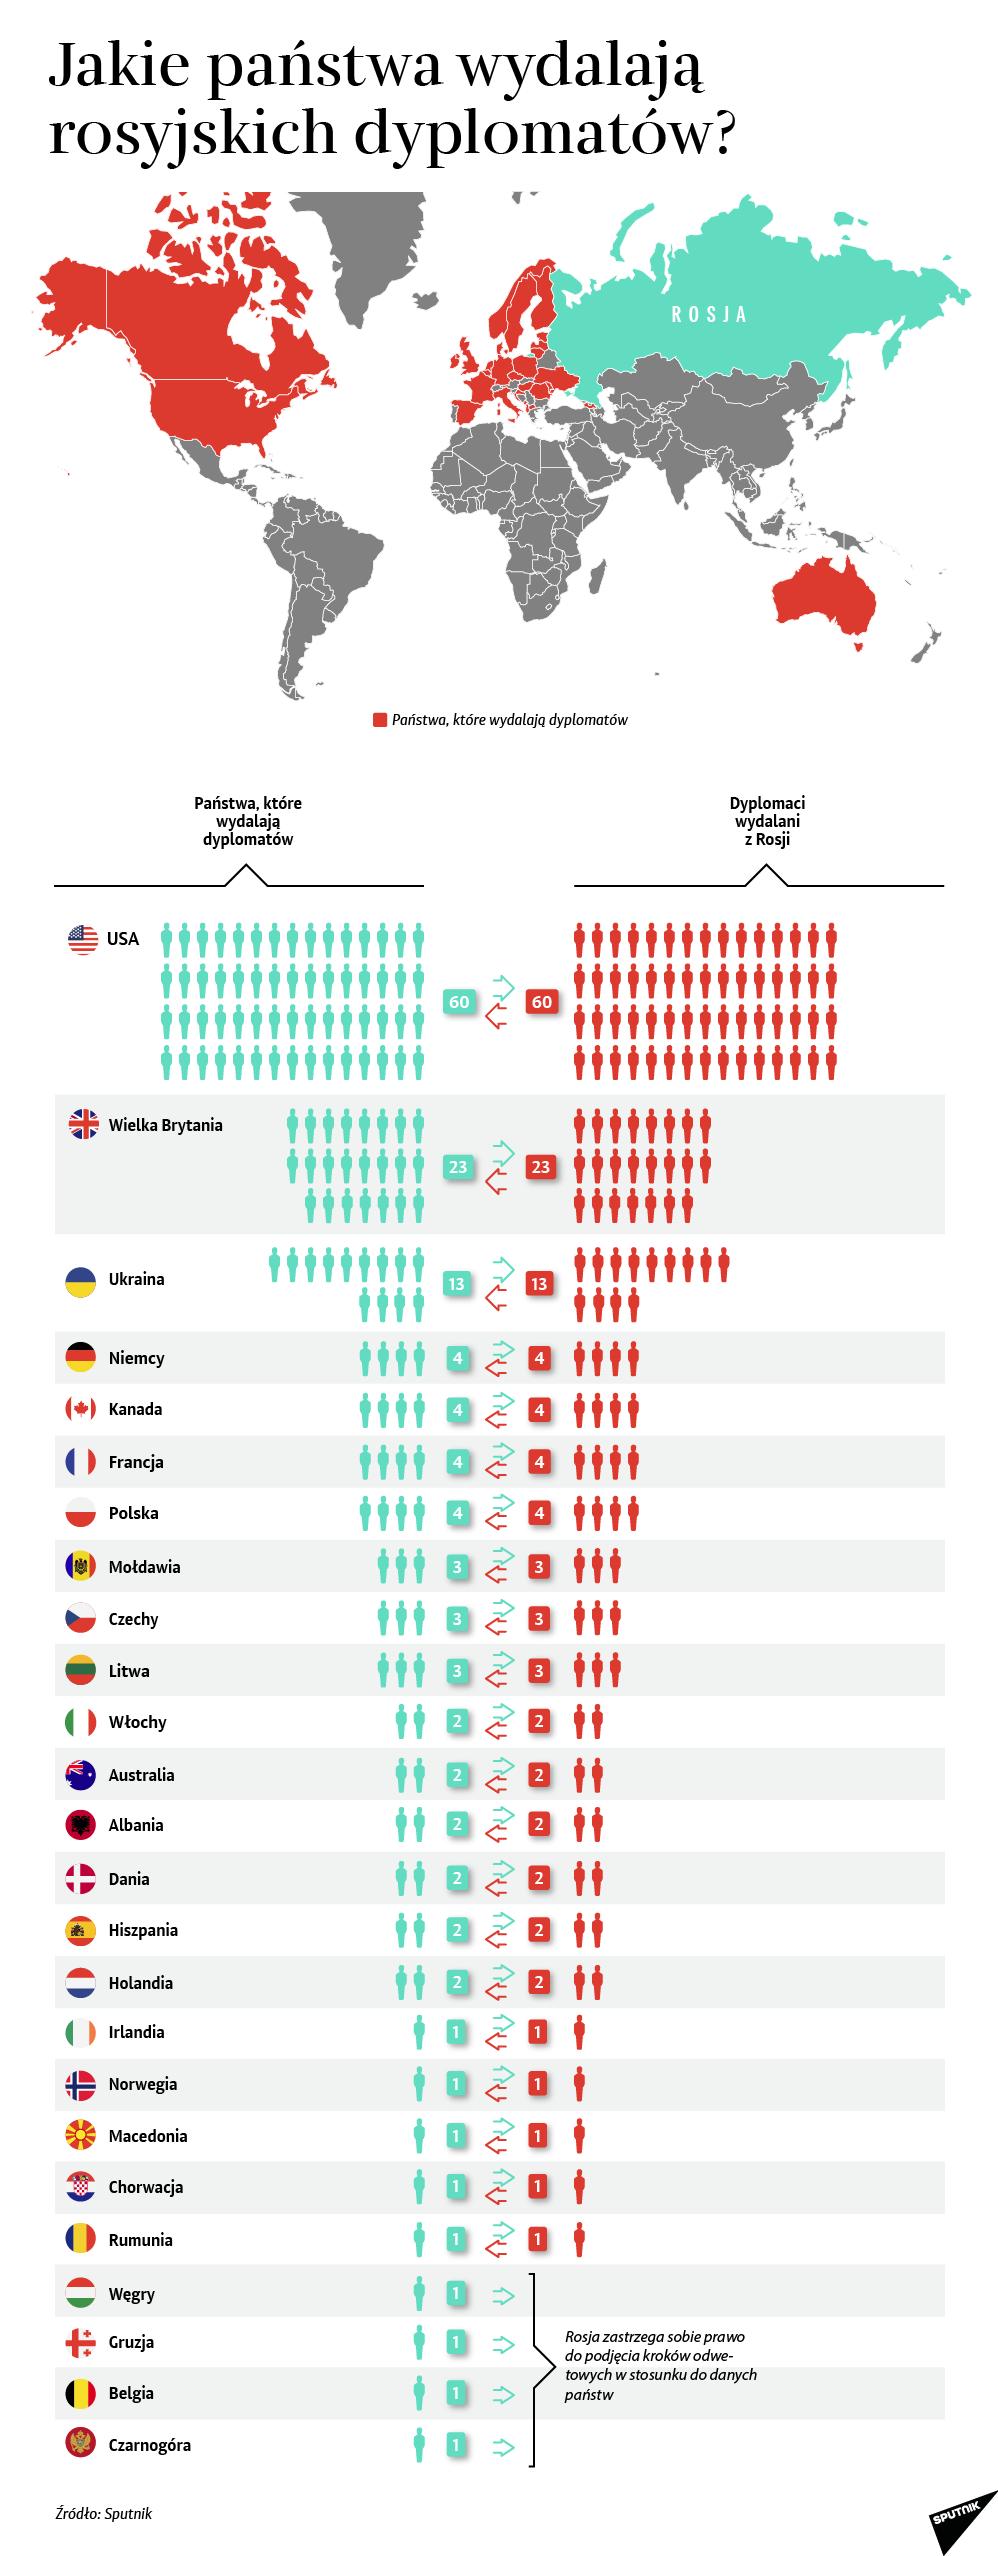 Jakie państwa wydalają rosyjskich dyplomatów?